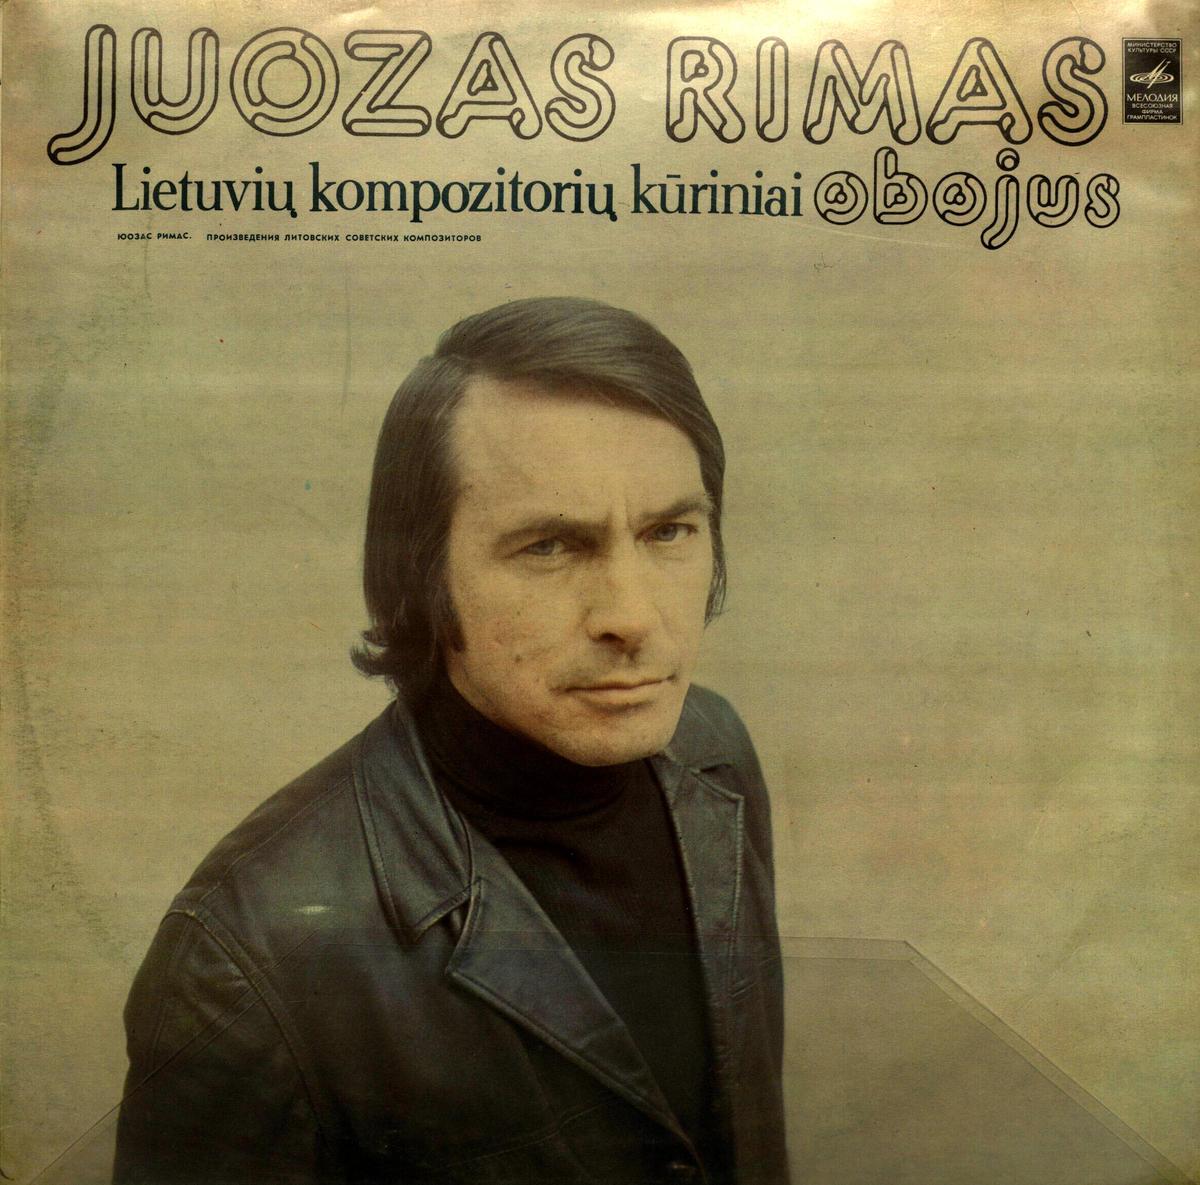 Juozas Rimas, obojus